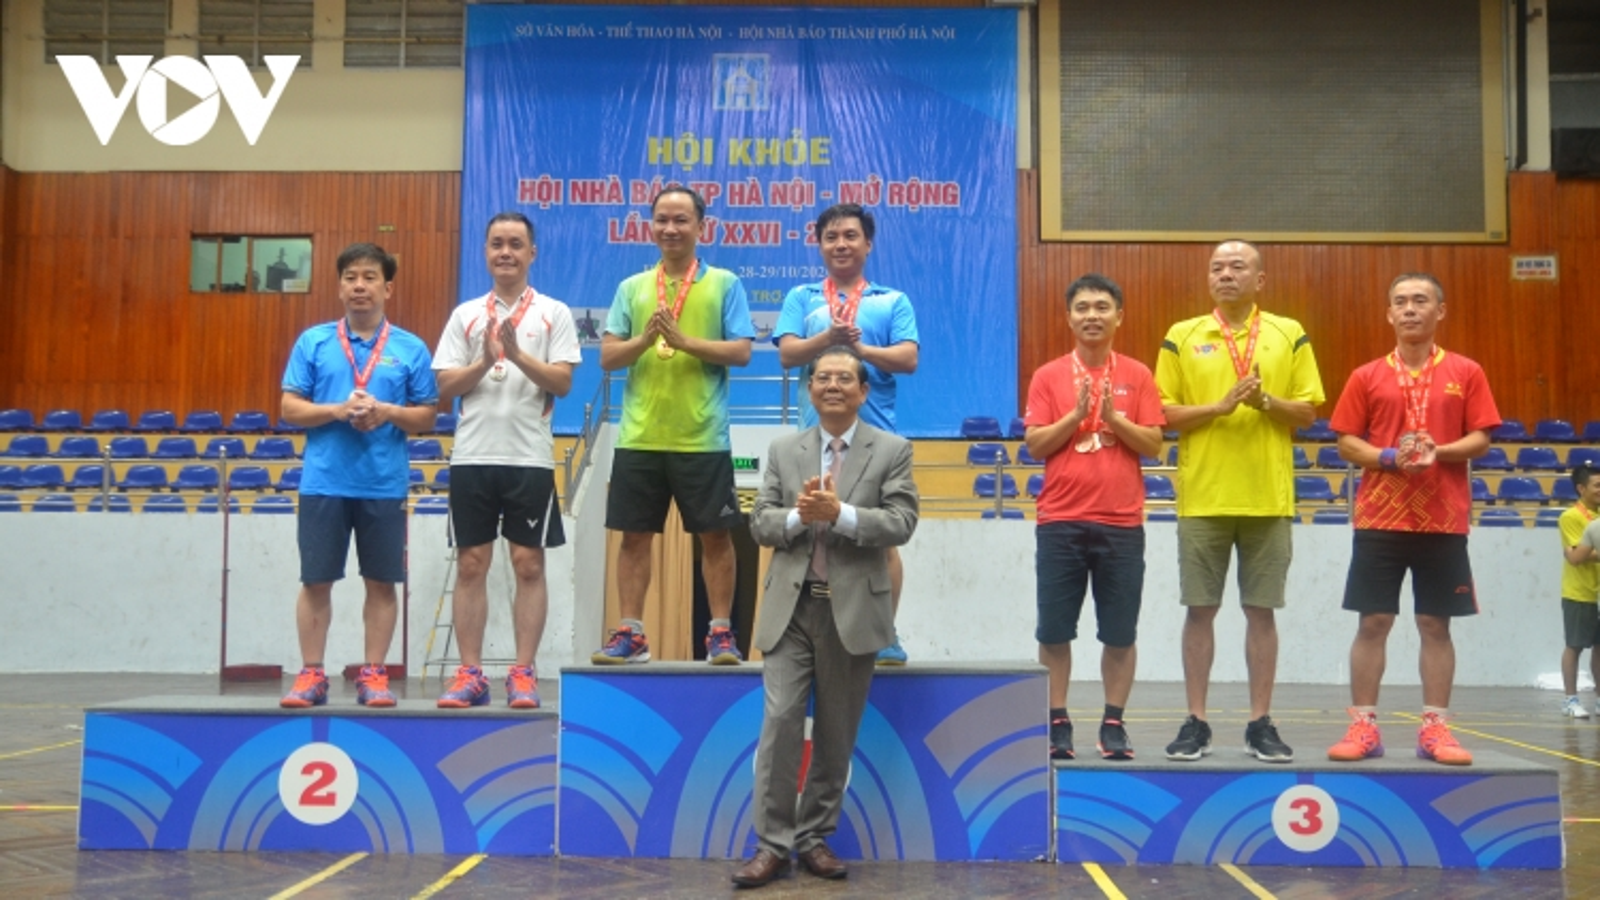 Bế mạc Hội khỏe Hội Nhà báo thành phố Hà Nội năm 2020: Đội cầu lông VOV giành 5 HCV